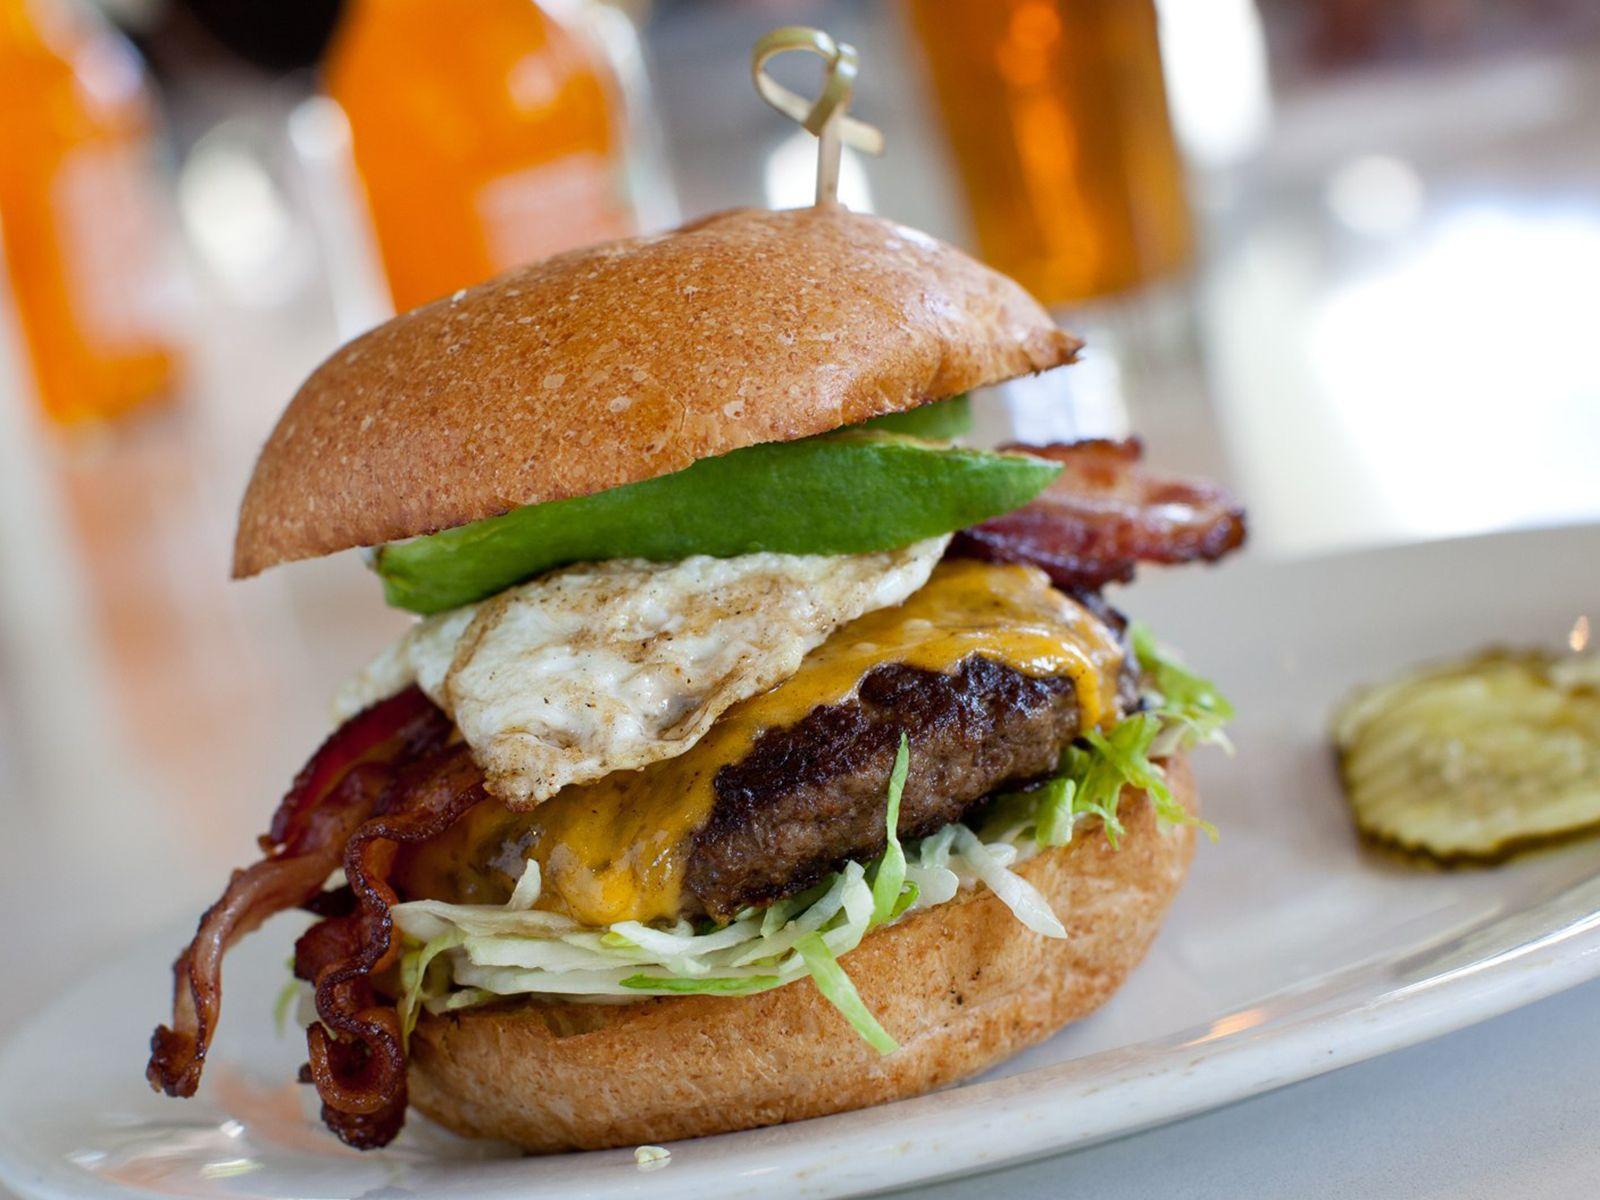 Zinburger Wine & Burger Bar Launches Burger Battle